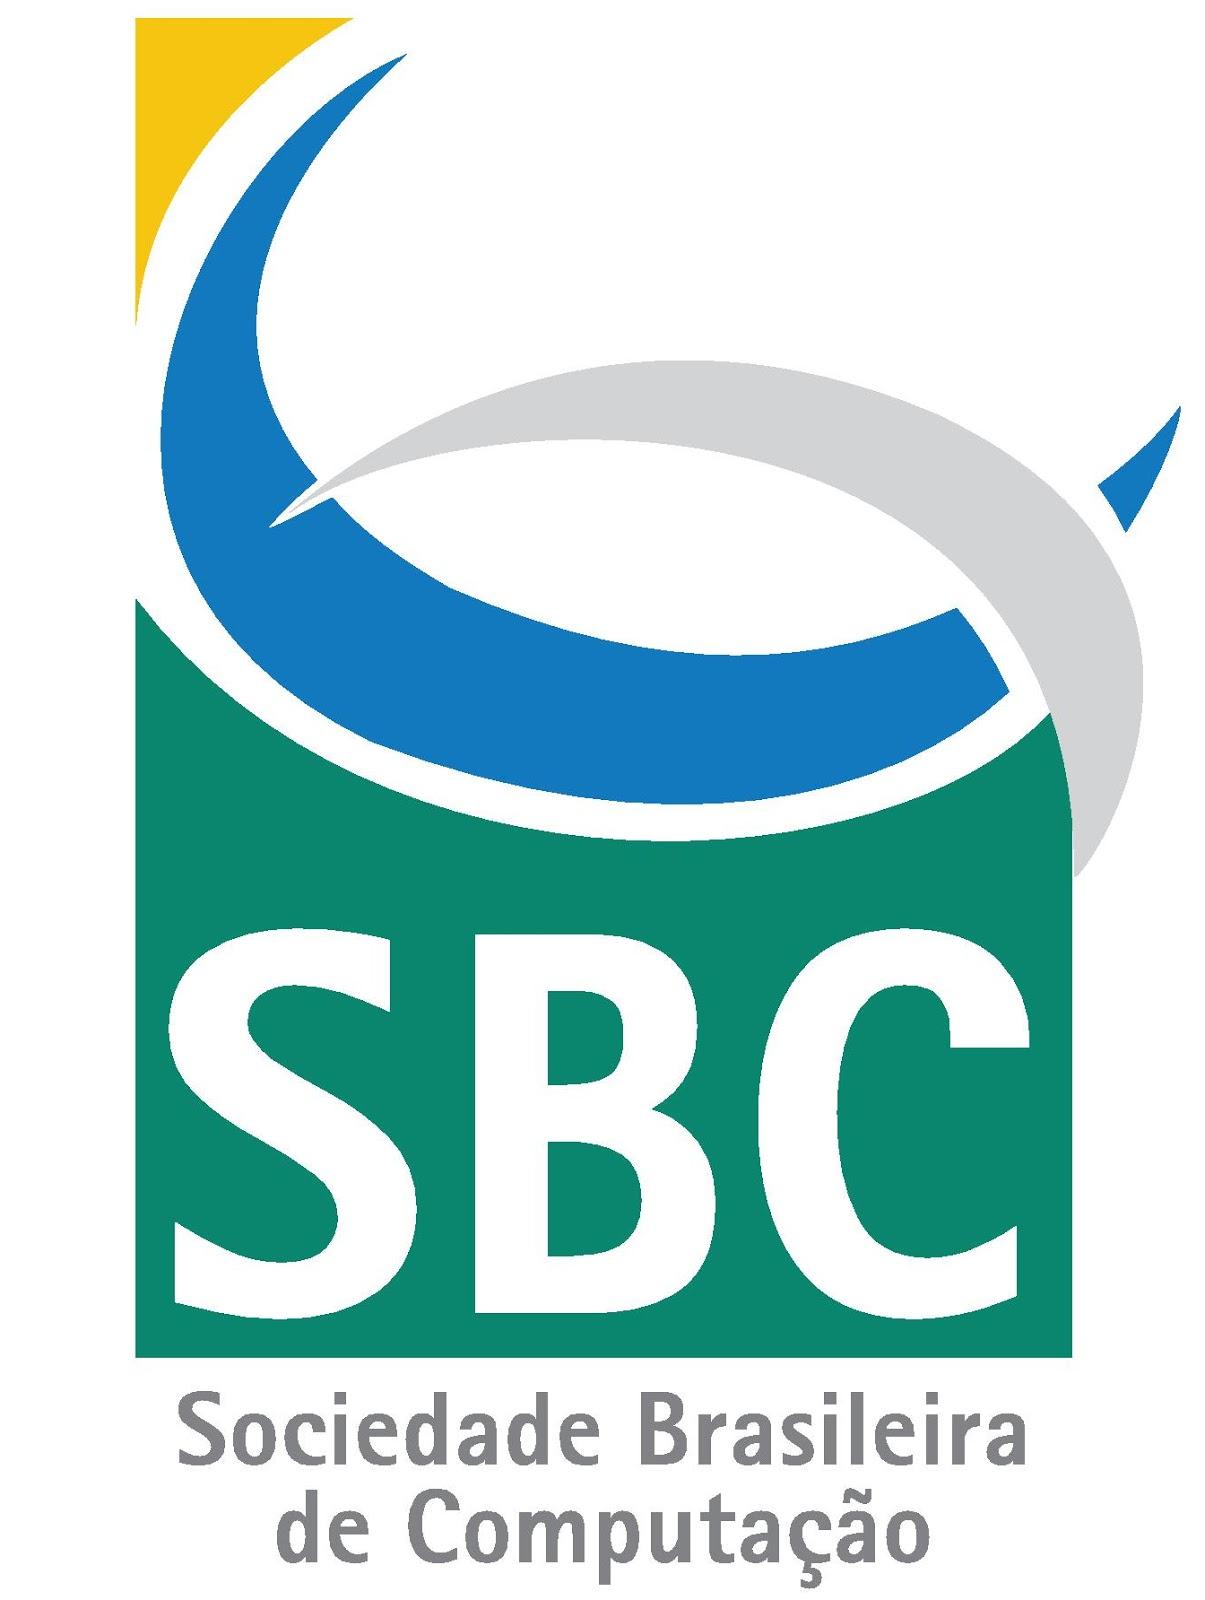 Image result for sociedade brasileira computaçao logo